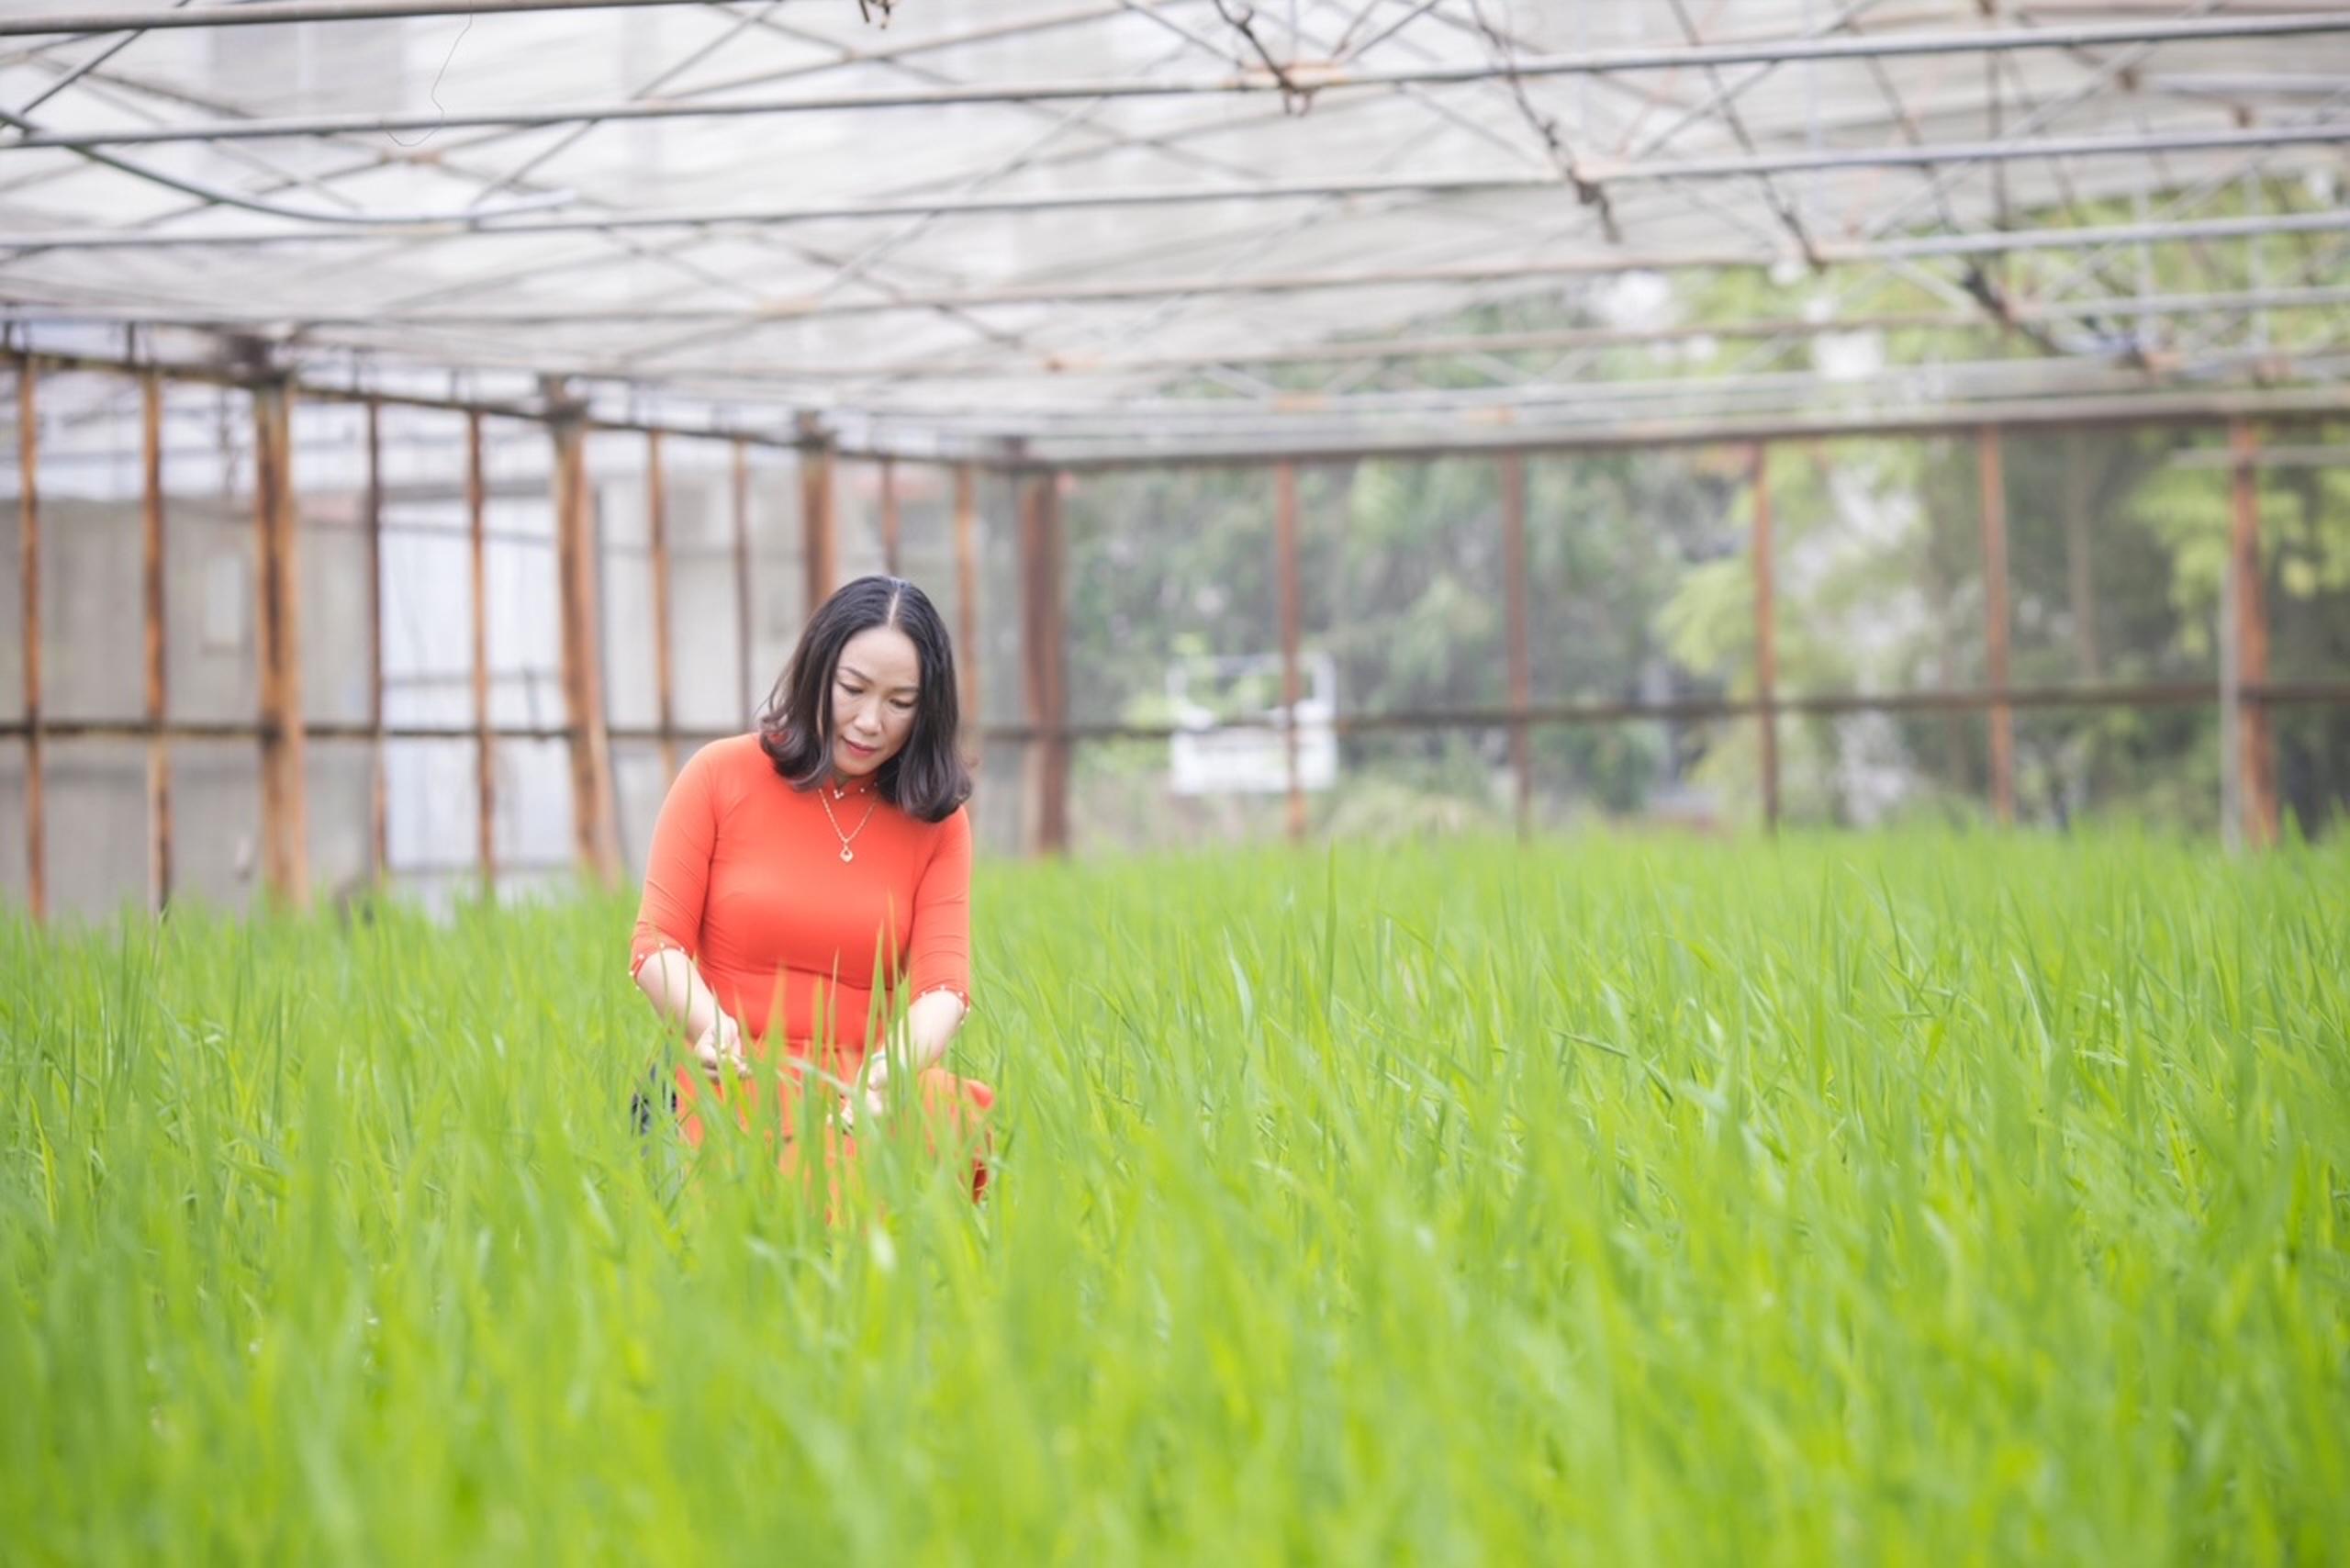 Chuyên gia nghiên cứu lúa lai muốn làm gì cho Hà Nội nếu được bầu làm đại biểu Quốc hội khóa XV? - Ảnh 2.